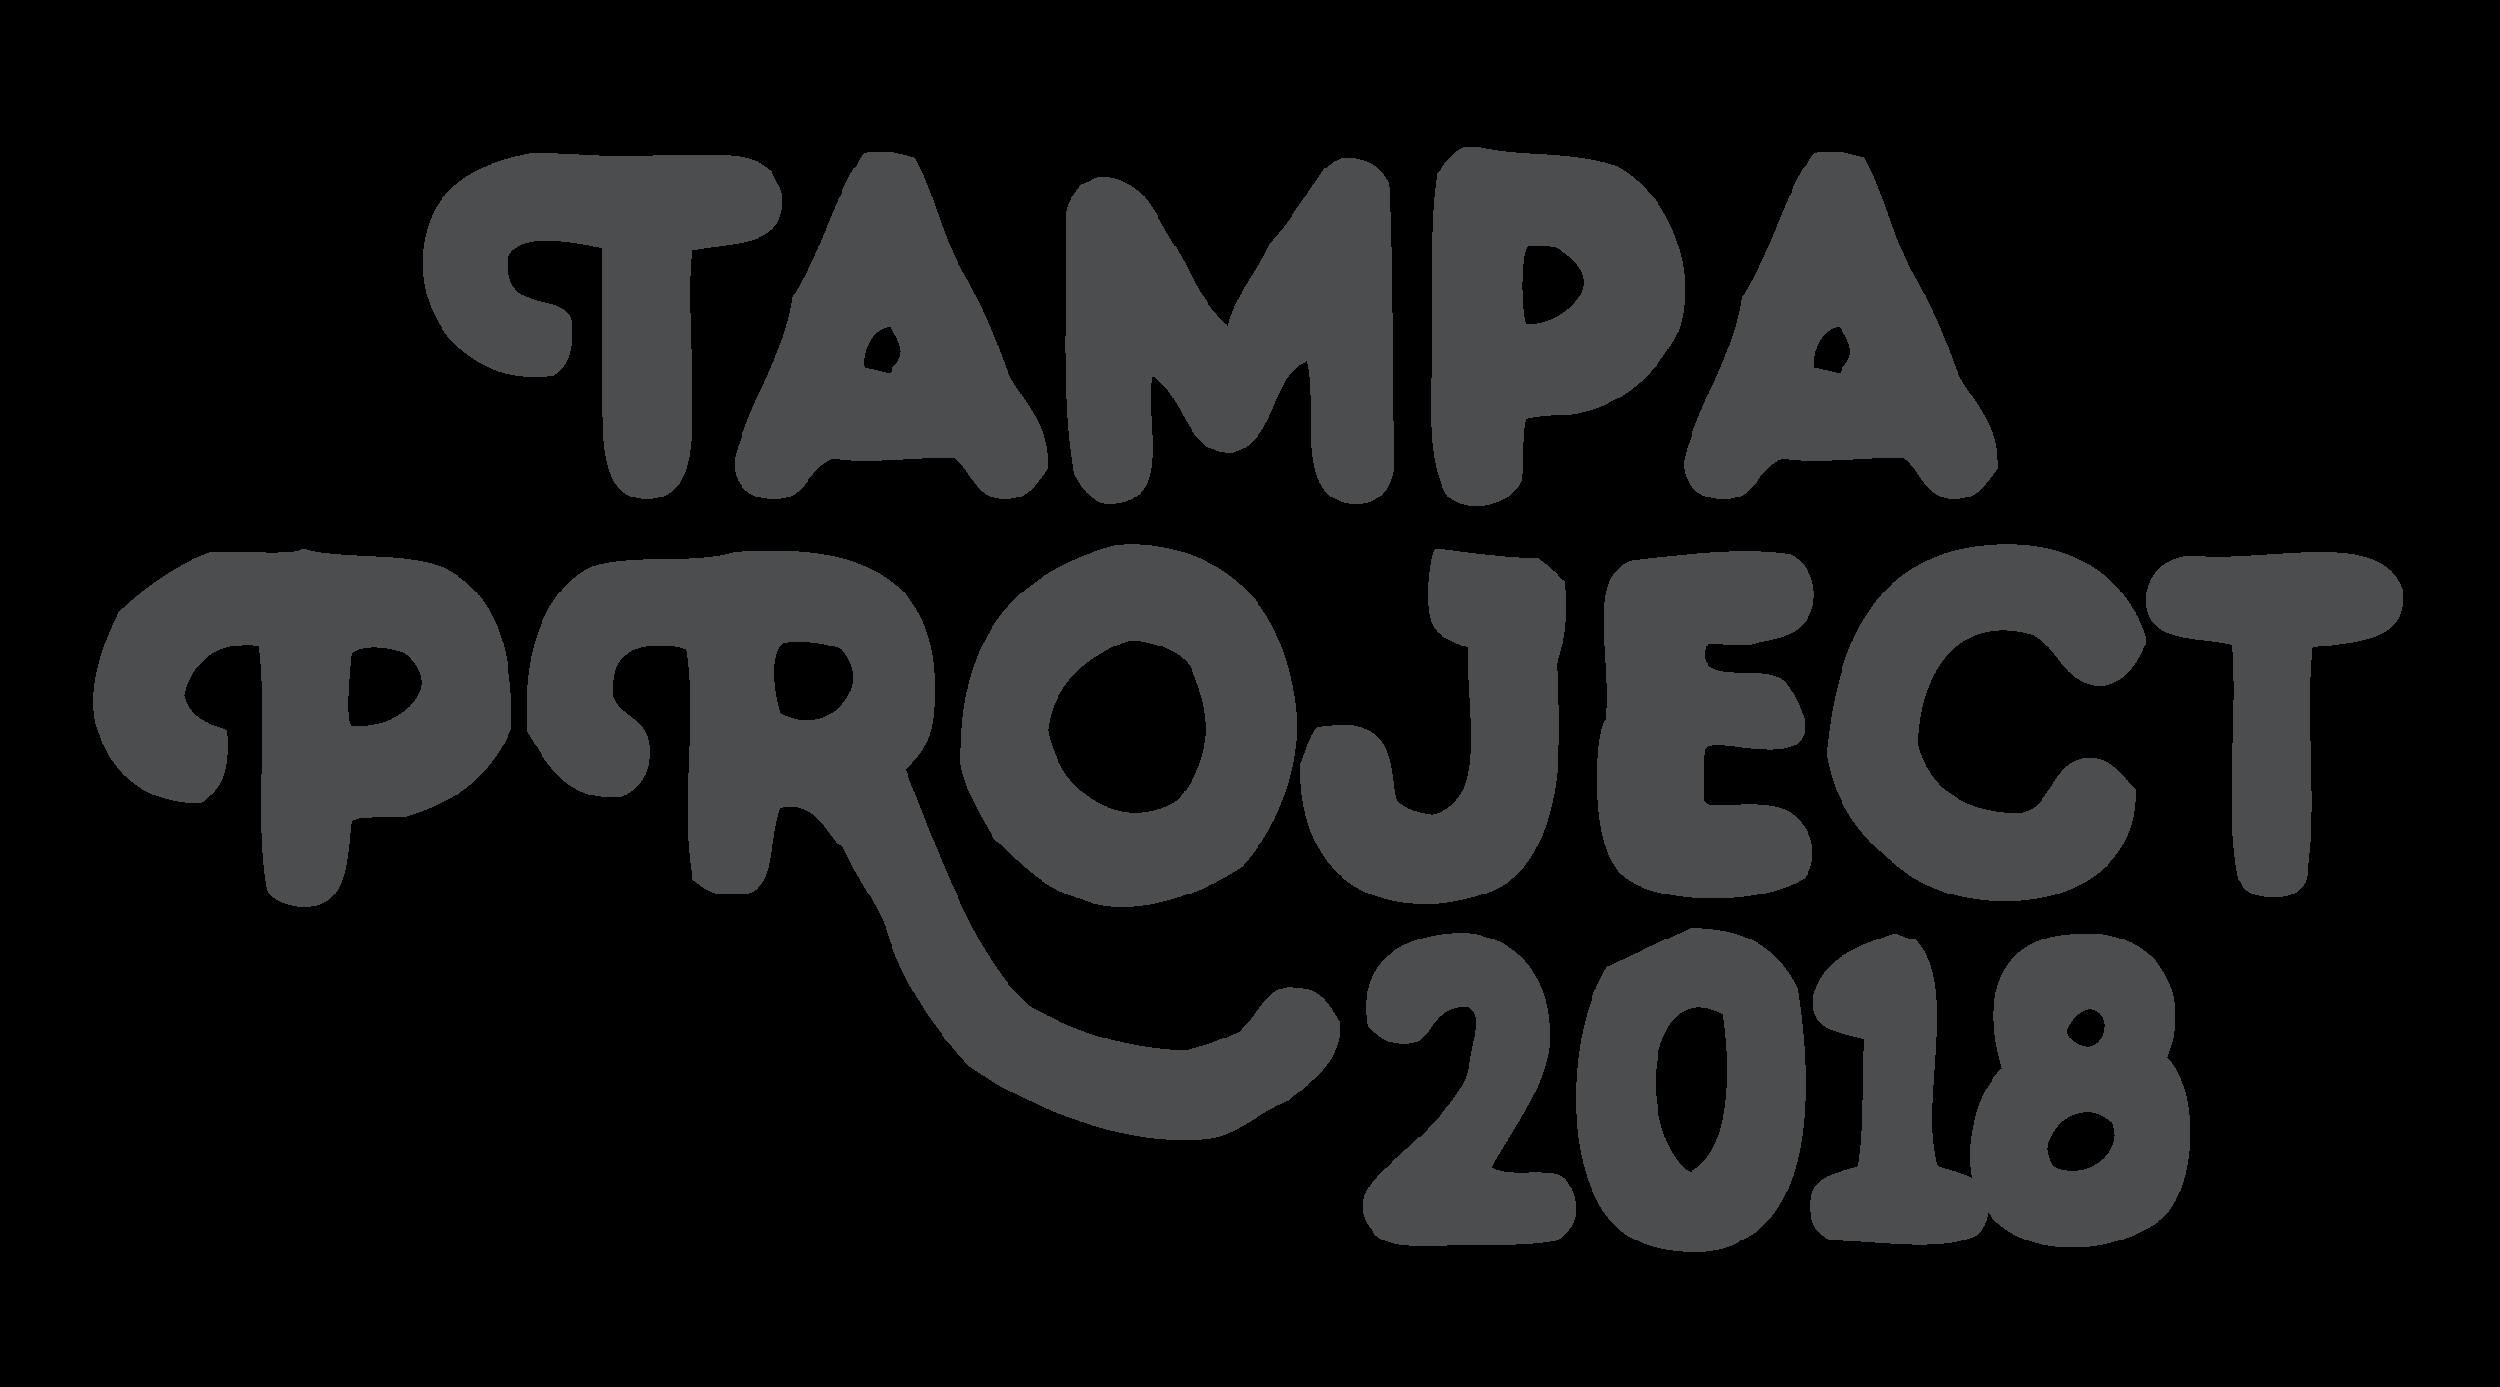 logo - tp 2018.png